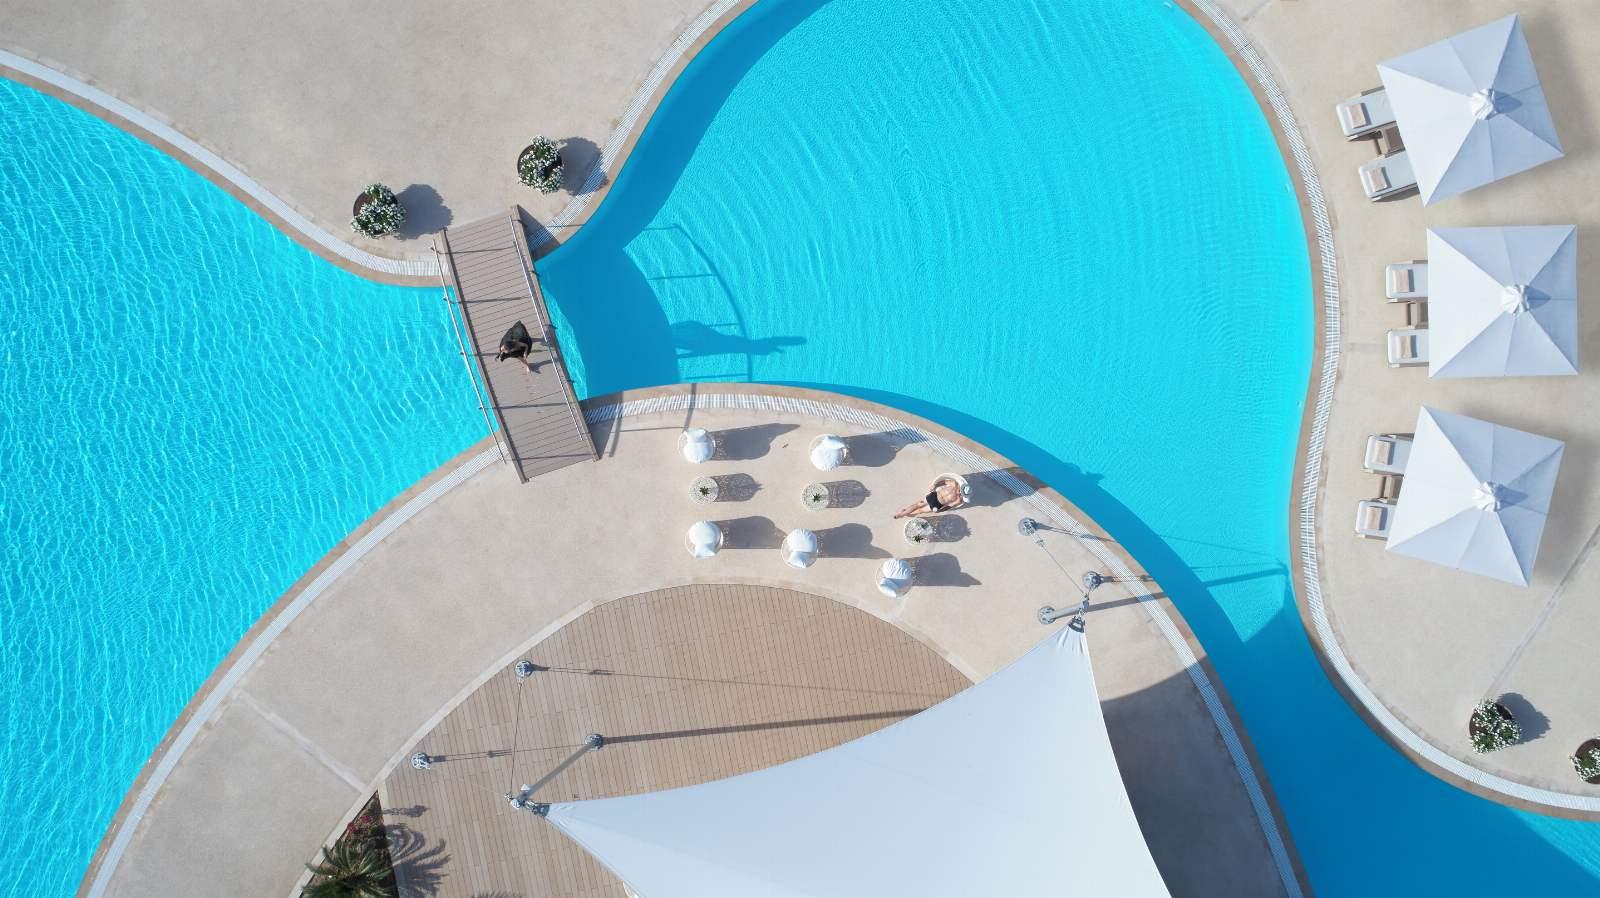 Sani Dunes Swimming Pool